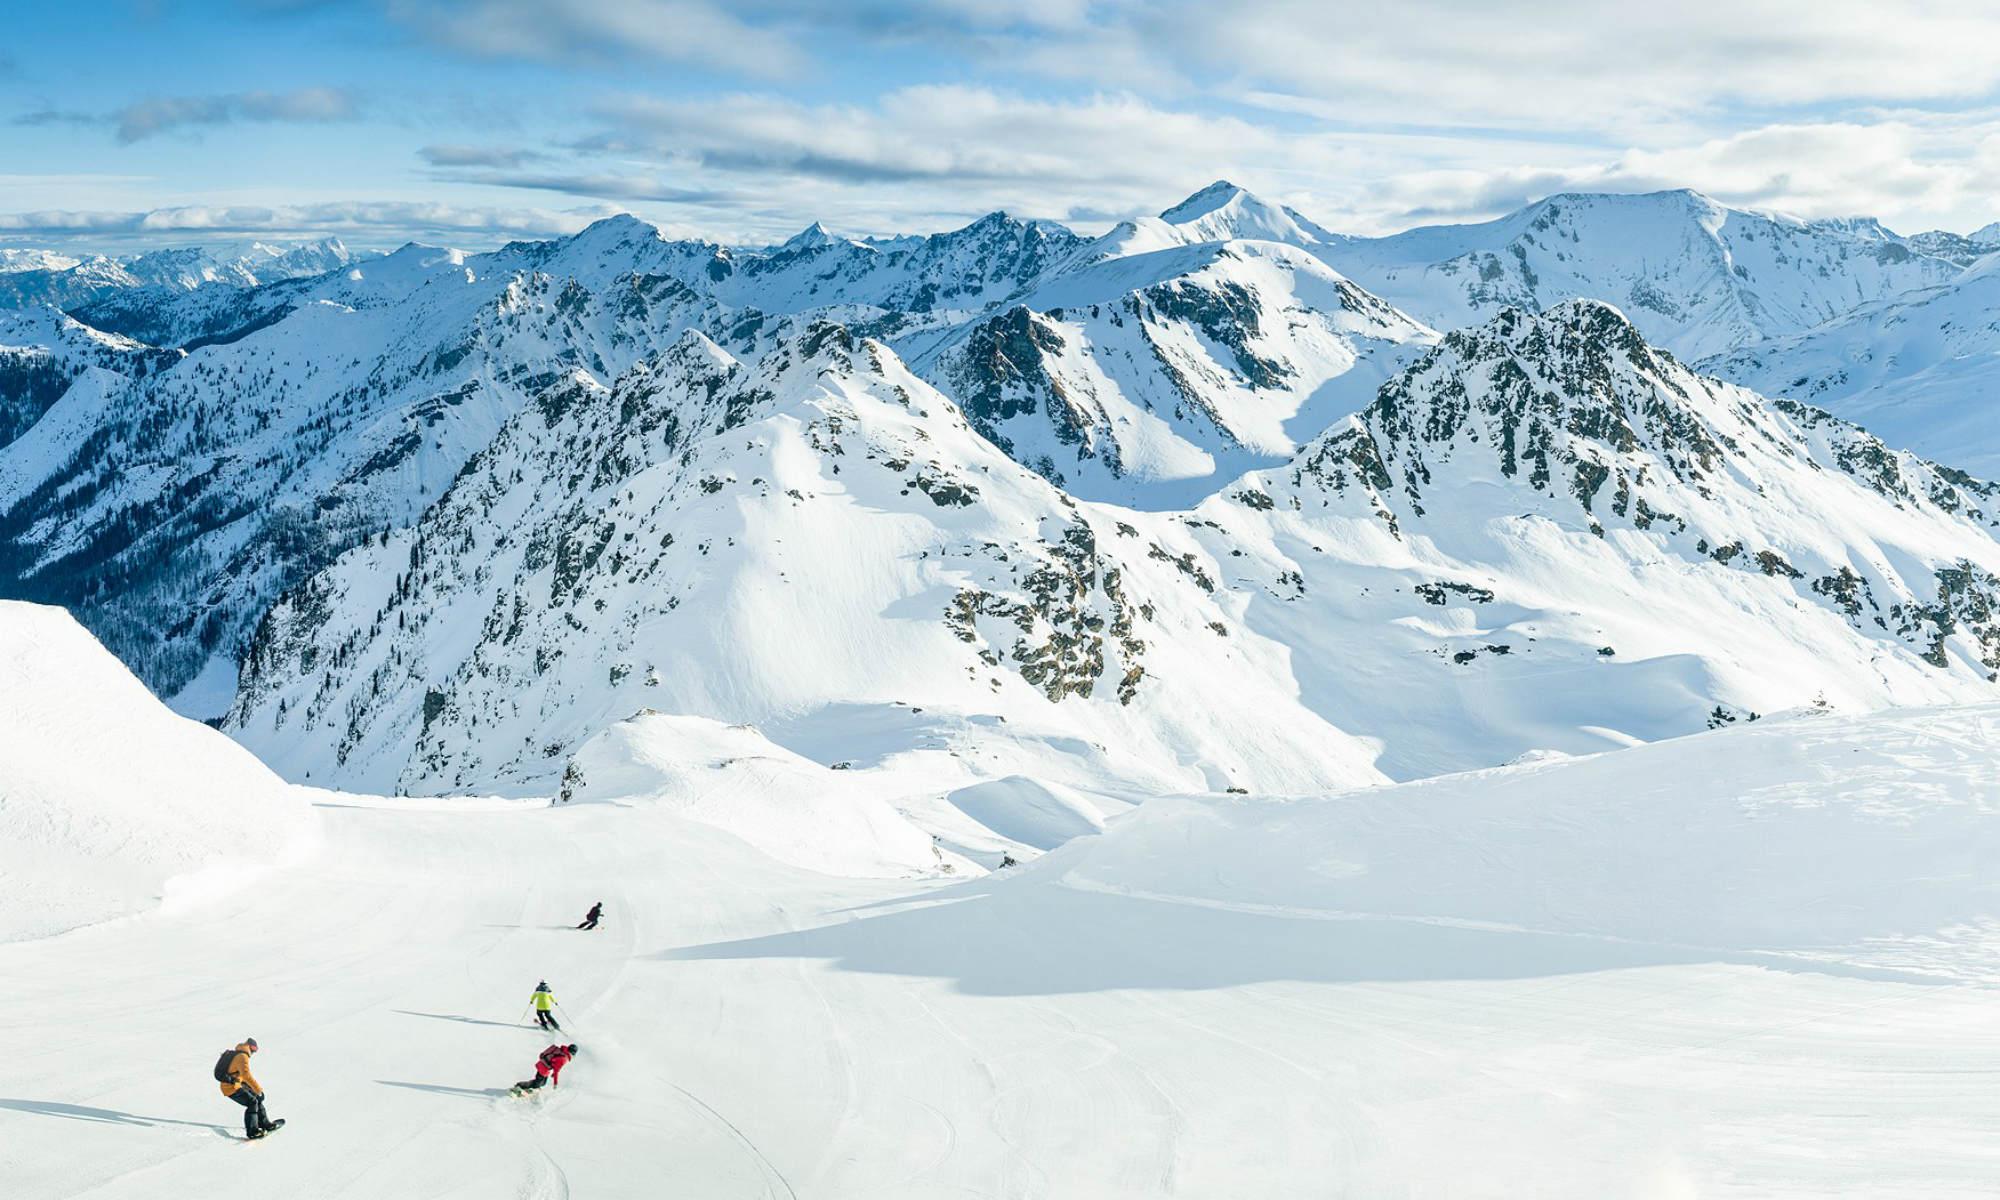 4 Wintersportler fahren auf einer von verschneiten Bergen umgebenen Piste in Obertauern.